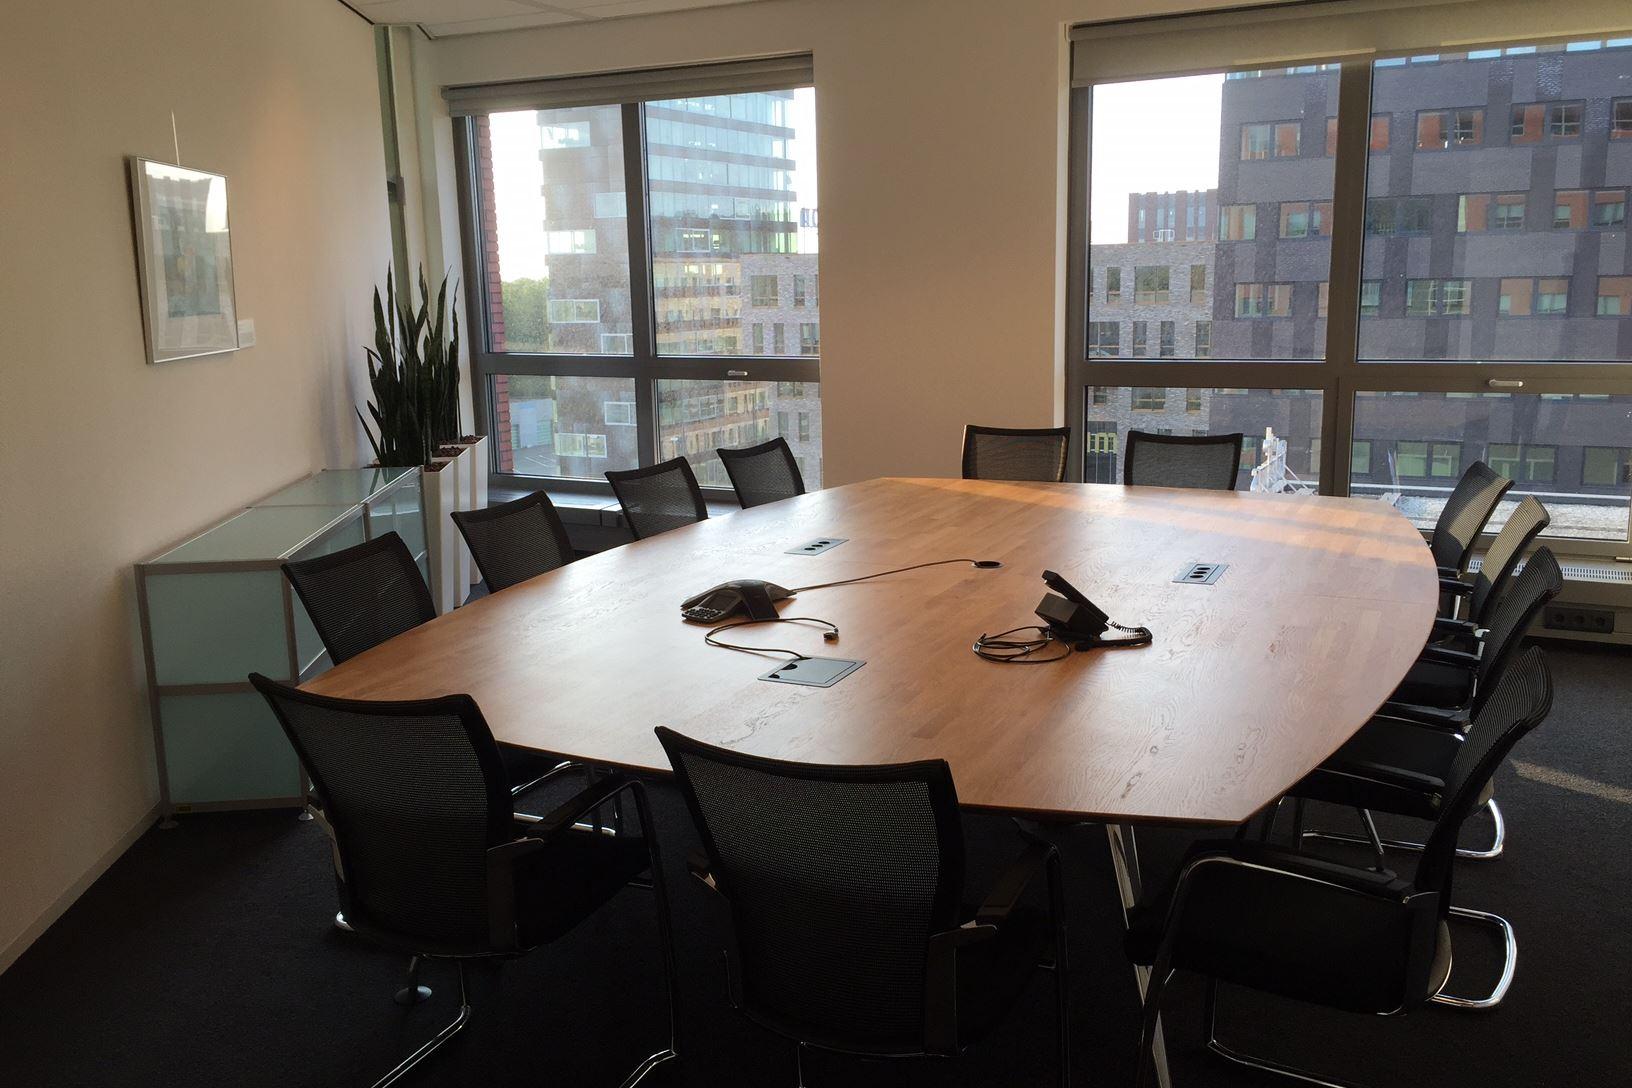 Garage Huren Eindhoven : Kantoor eindhoven zoek kantoren te huur flight forum da